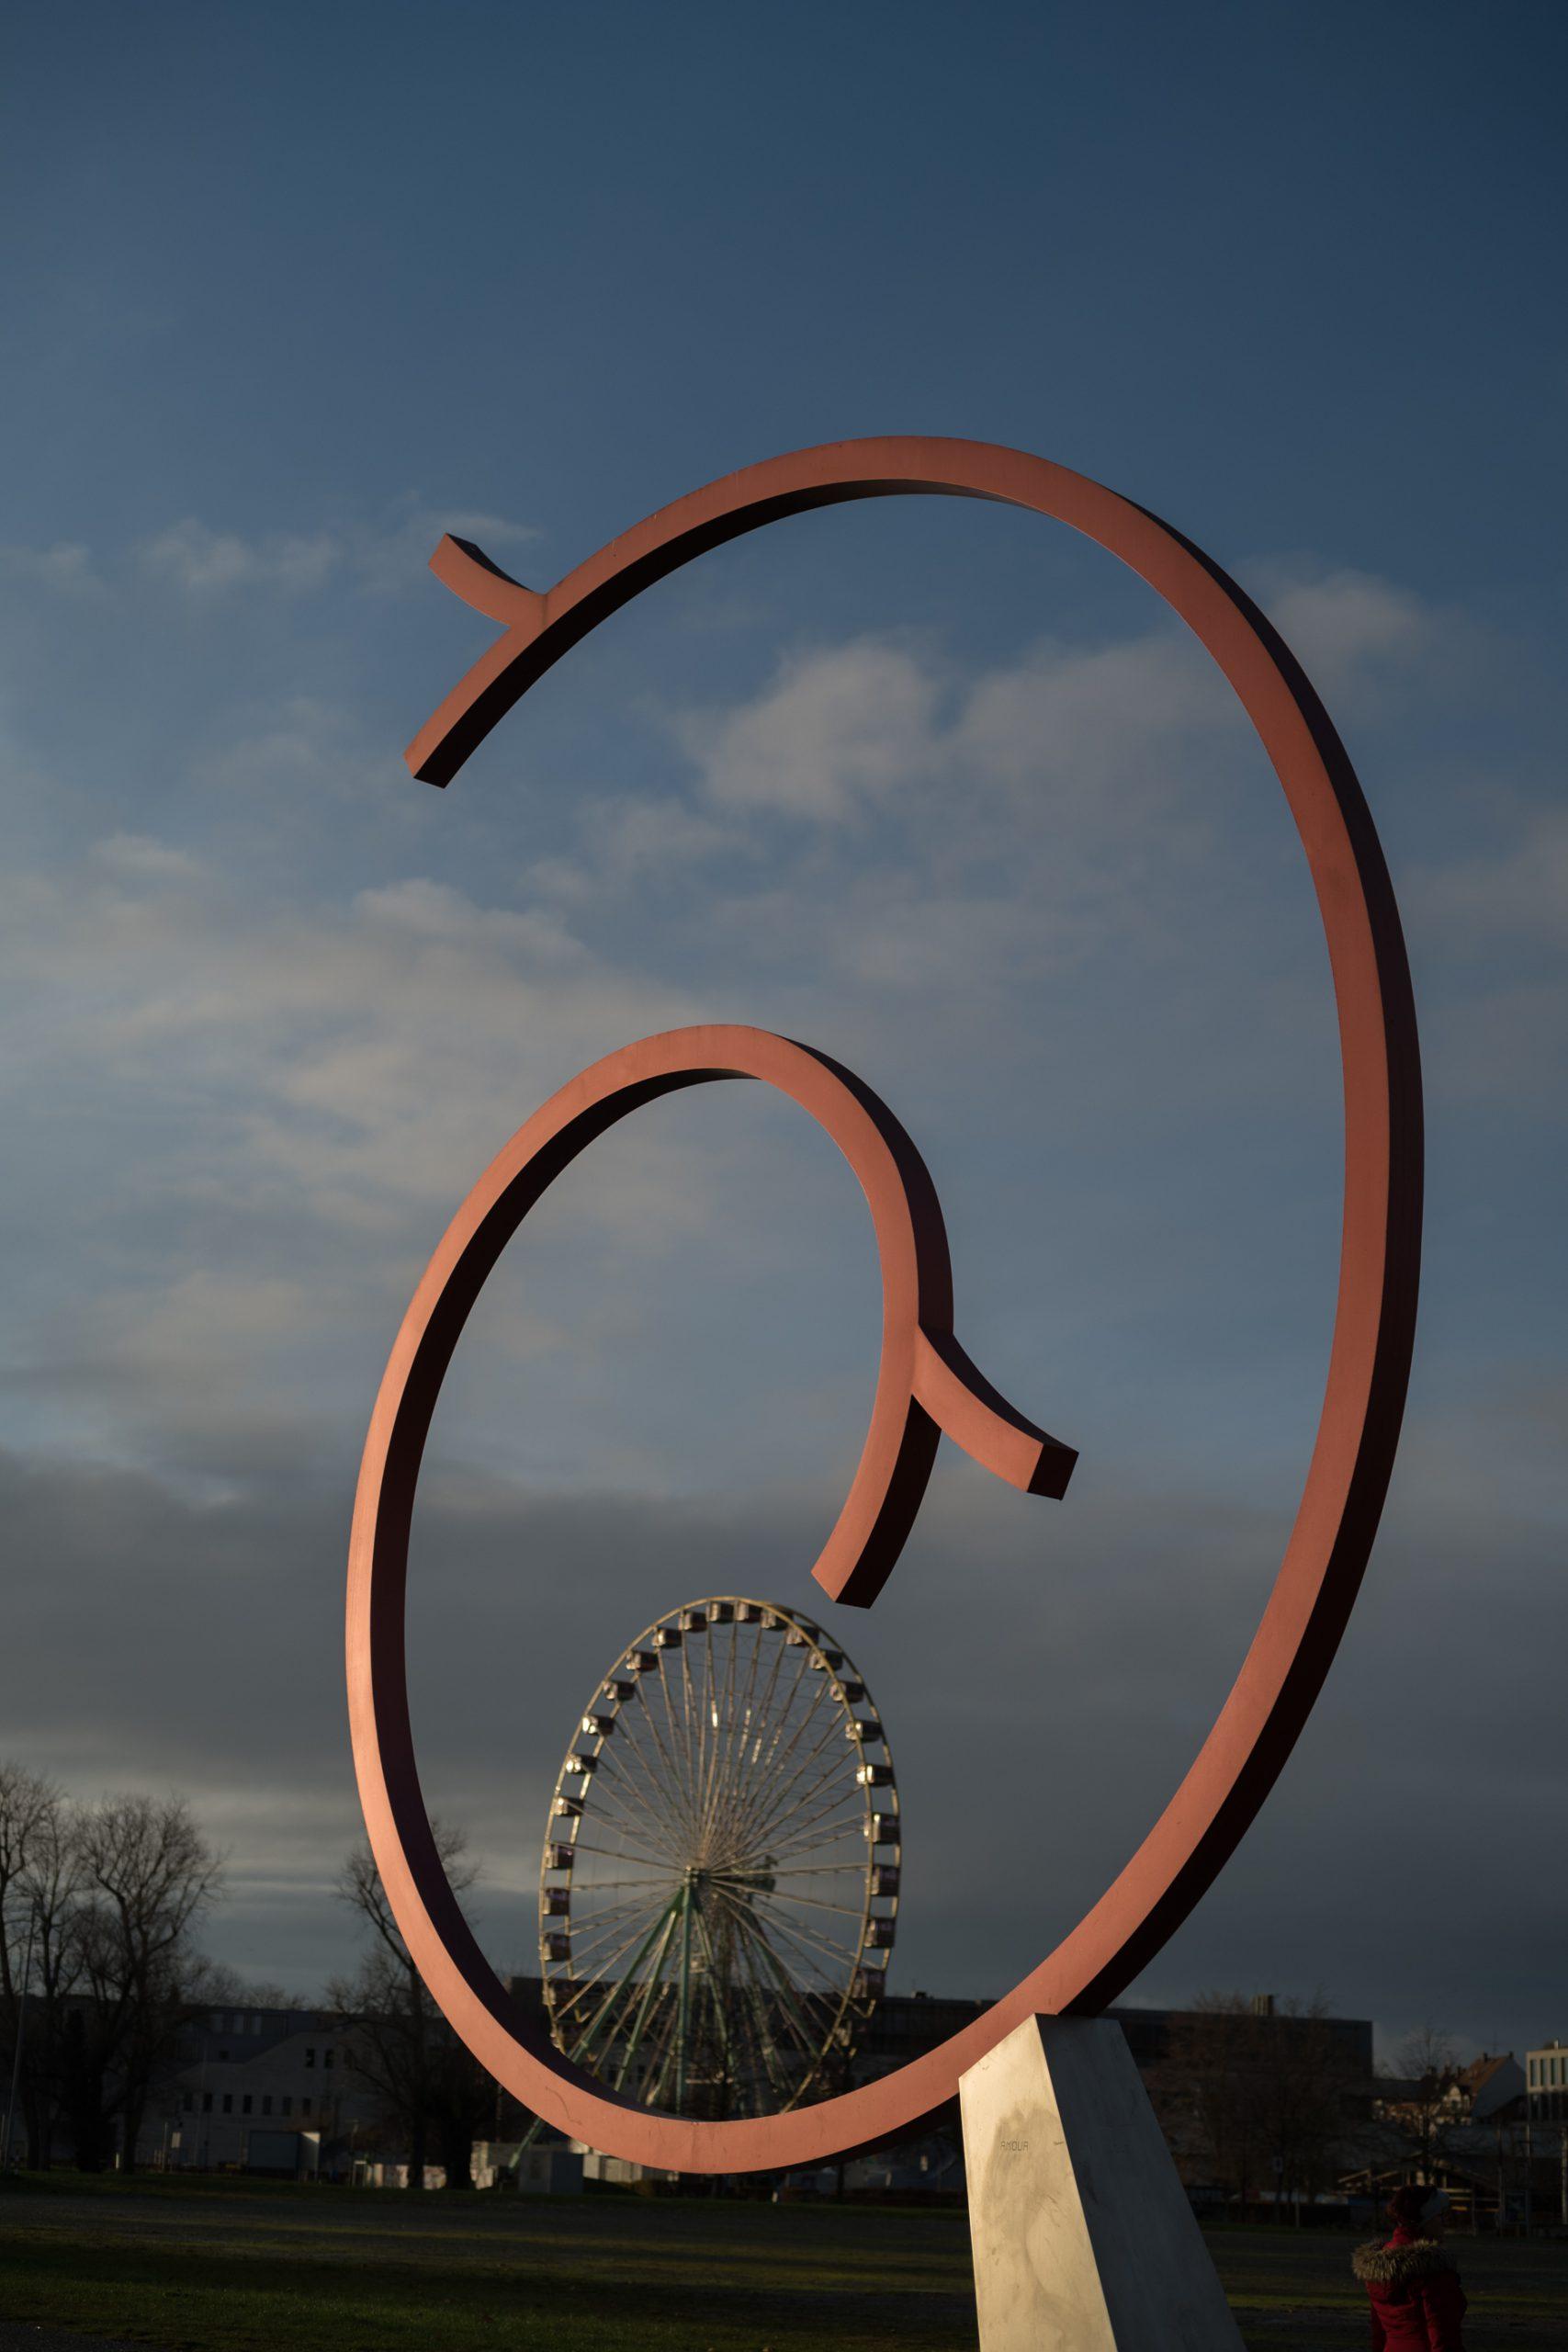 """Die Skulpturen der Kunstgrenze beziehen sich auf das Tarot. Ich kann mit Esoterik nichts anfangen, aber ein toller Ort ist's allemal. Diese Figur steht für die """"Die Liebe"""". Mir hatten es eher die offene und die geschlossene Kreisform angetan. Konica M-Hexanon 50/2 an Leica SL."""